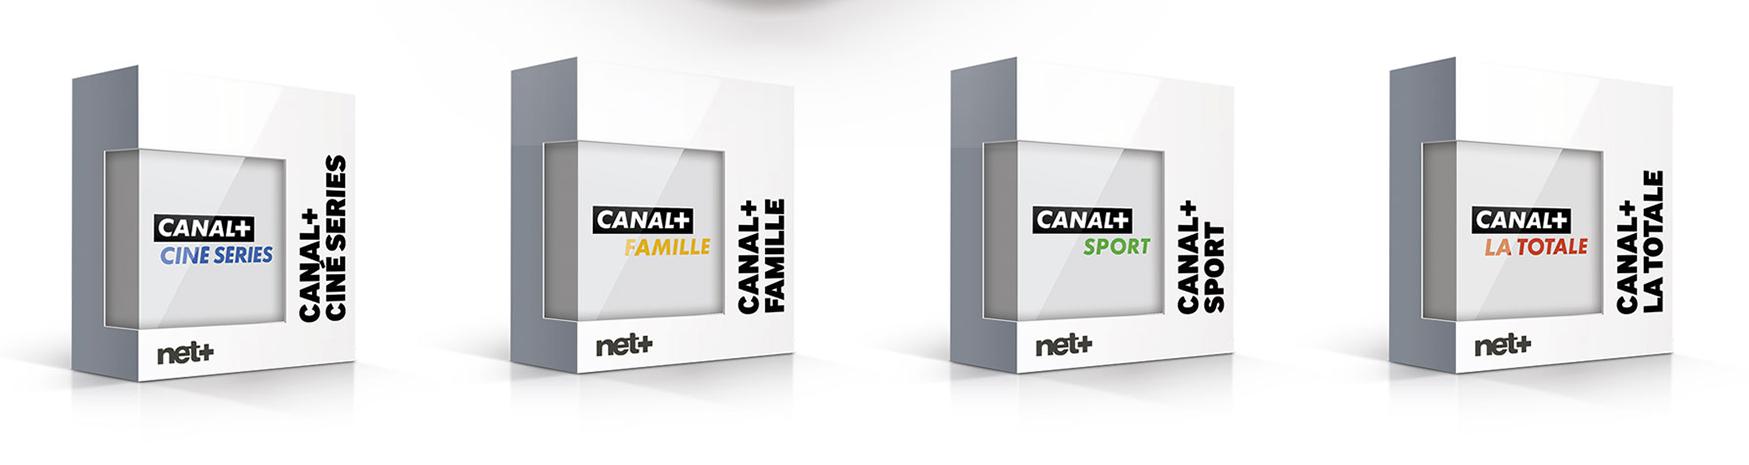 Les nouveaux bouquets Canal+